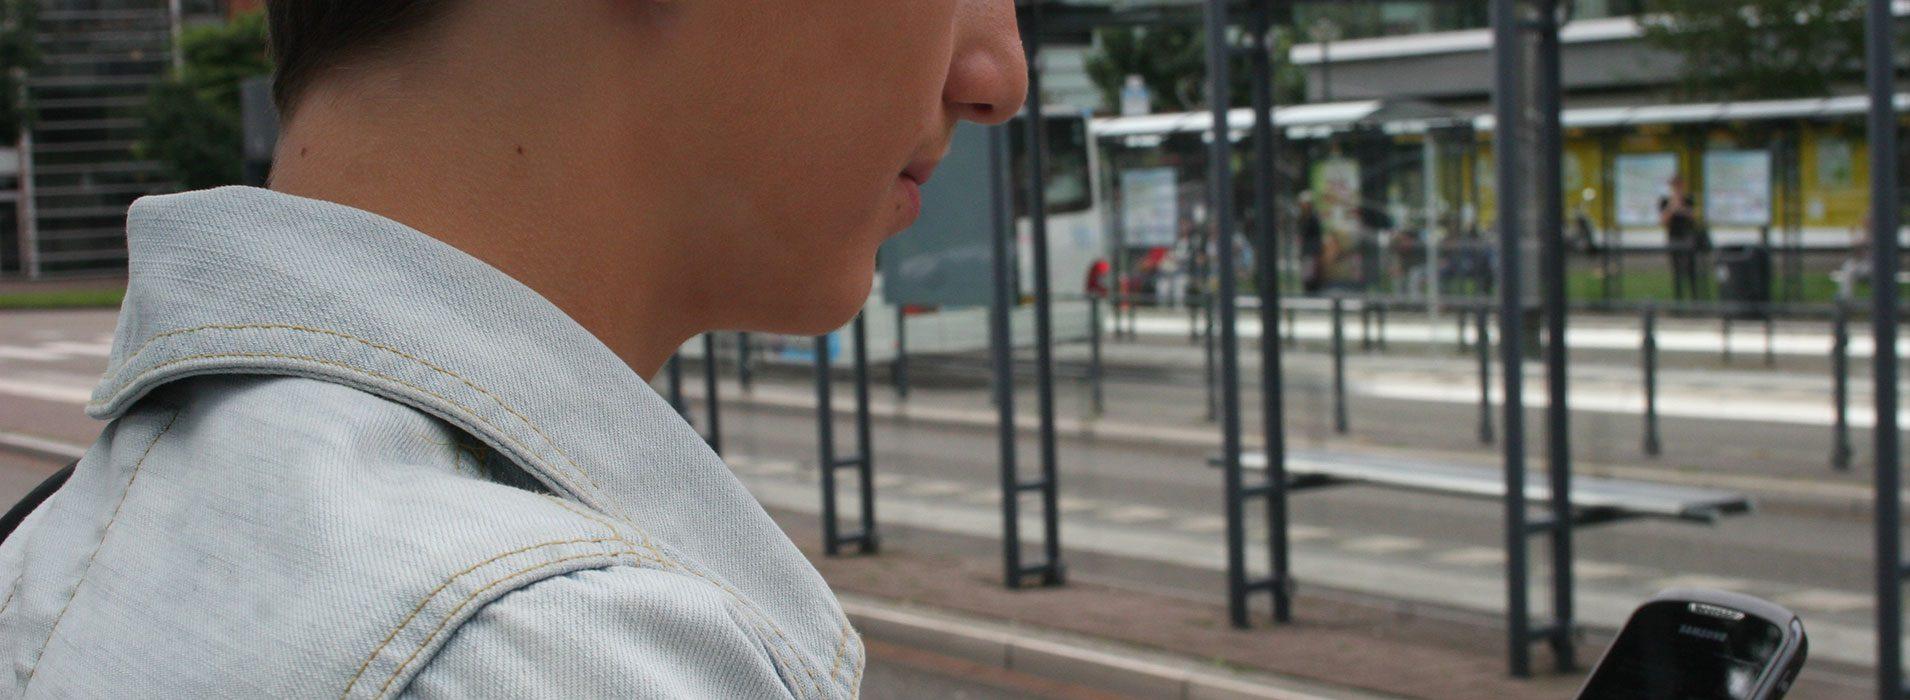 Kristian-Kijkt-hoelaat-de-volgende-bus-komt